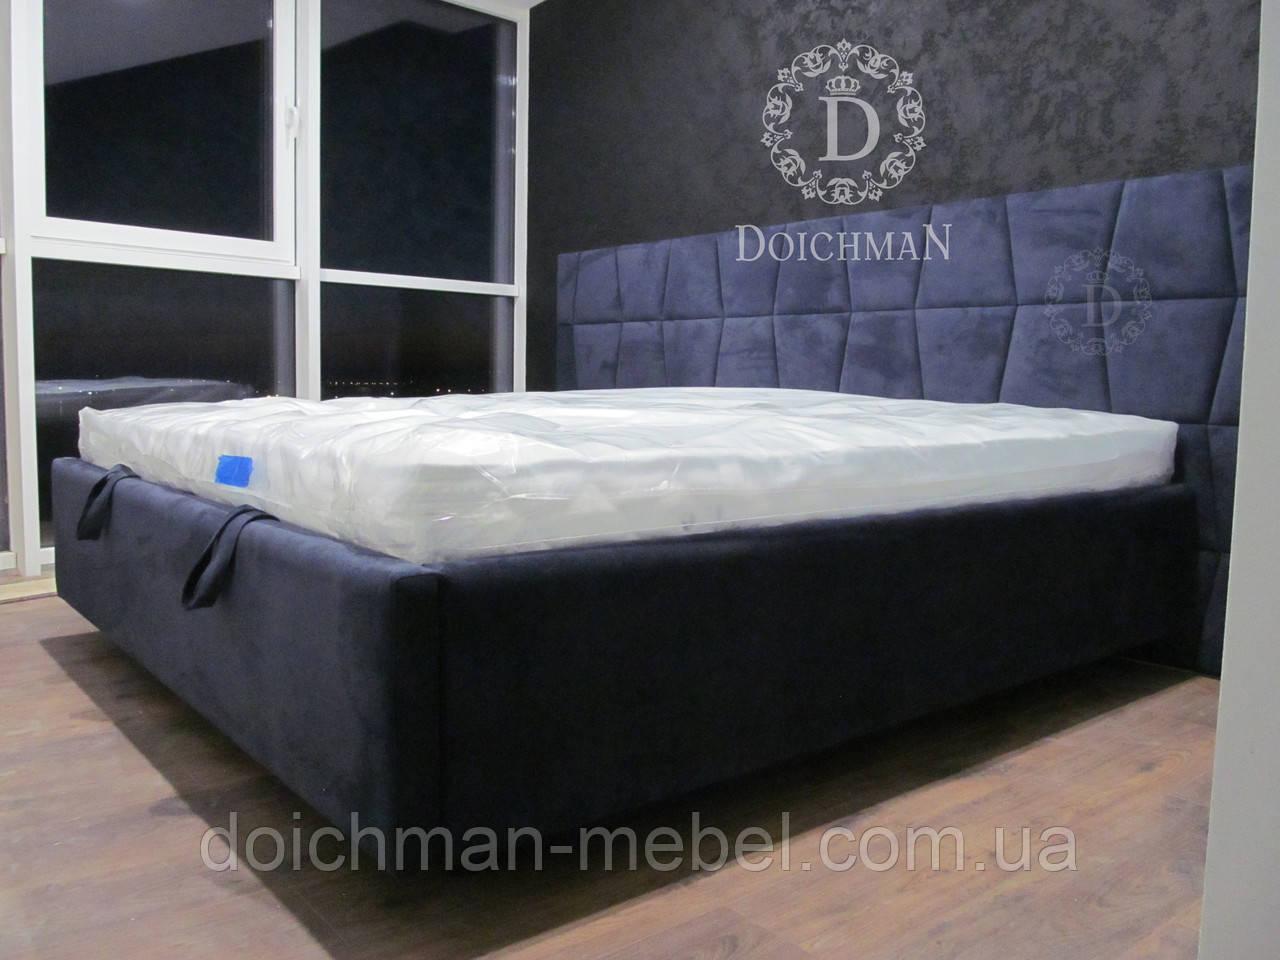 Современная кровать с панелями в виде трапеции, мягкая плитка трапеции